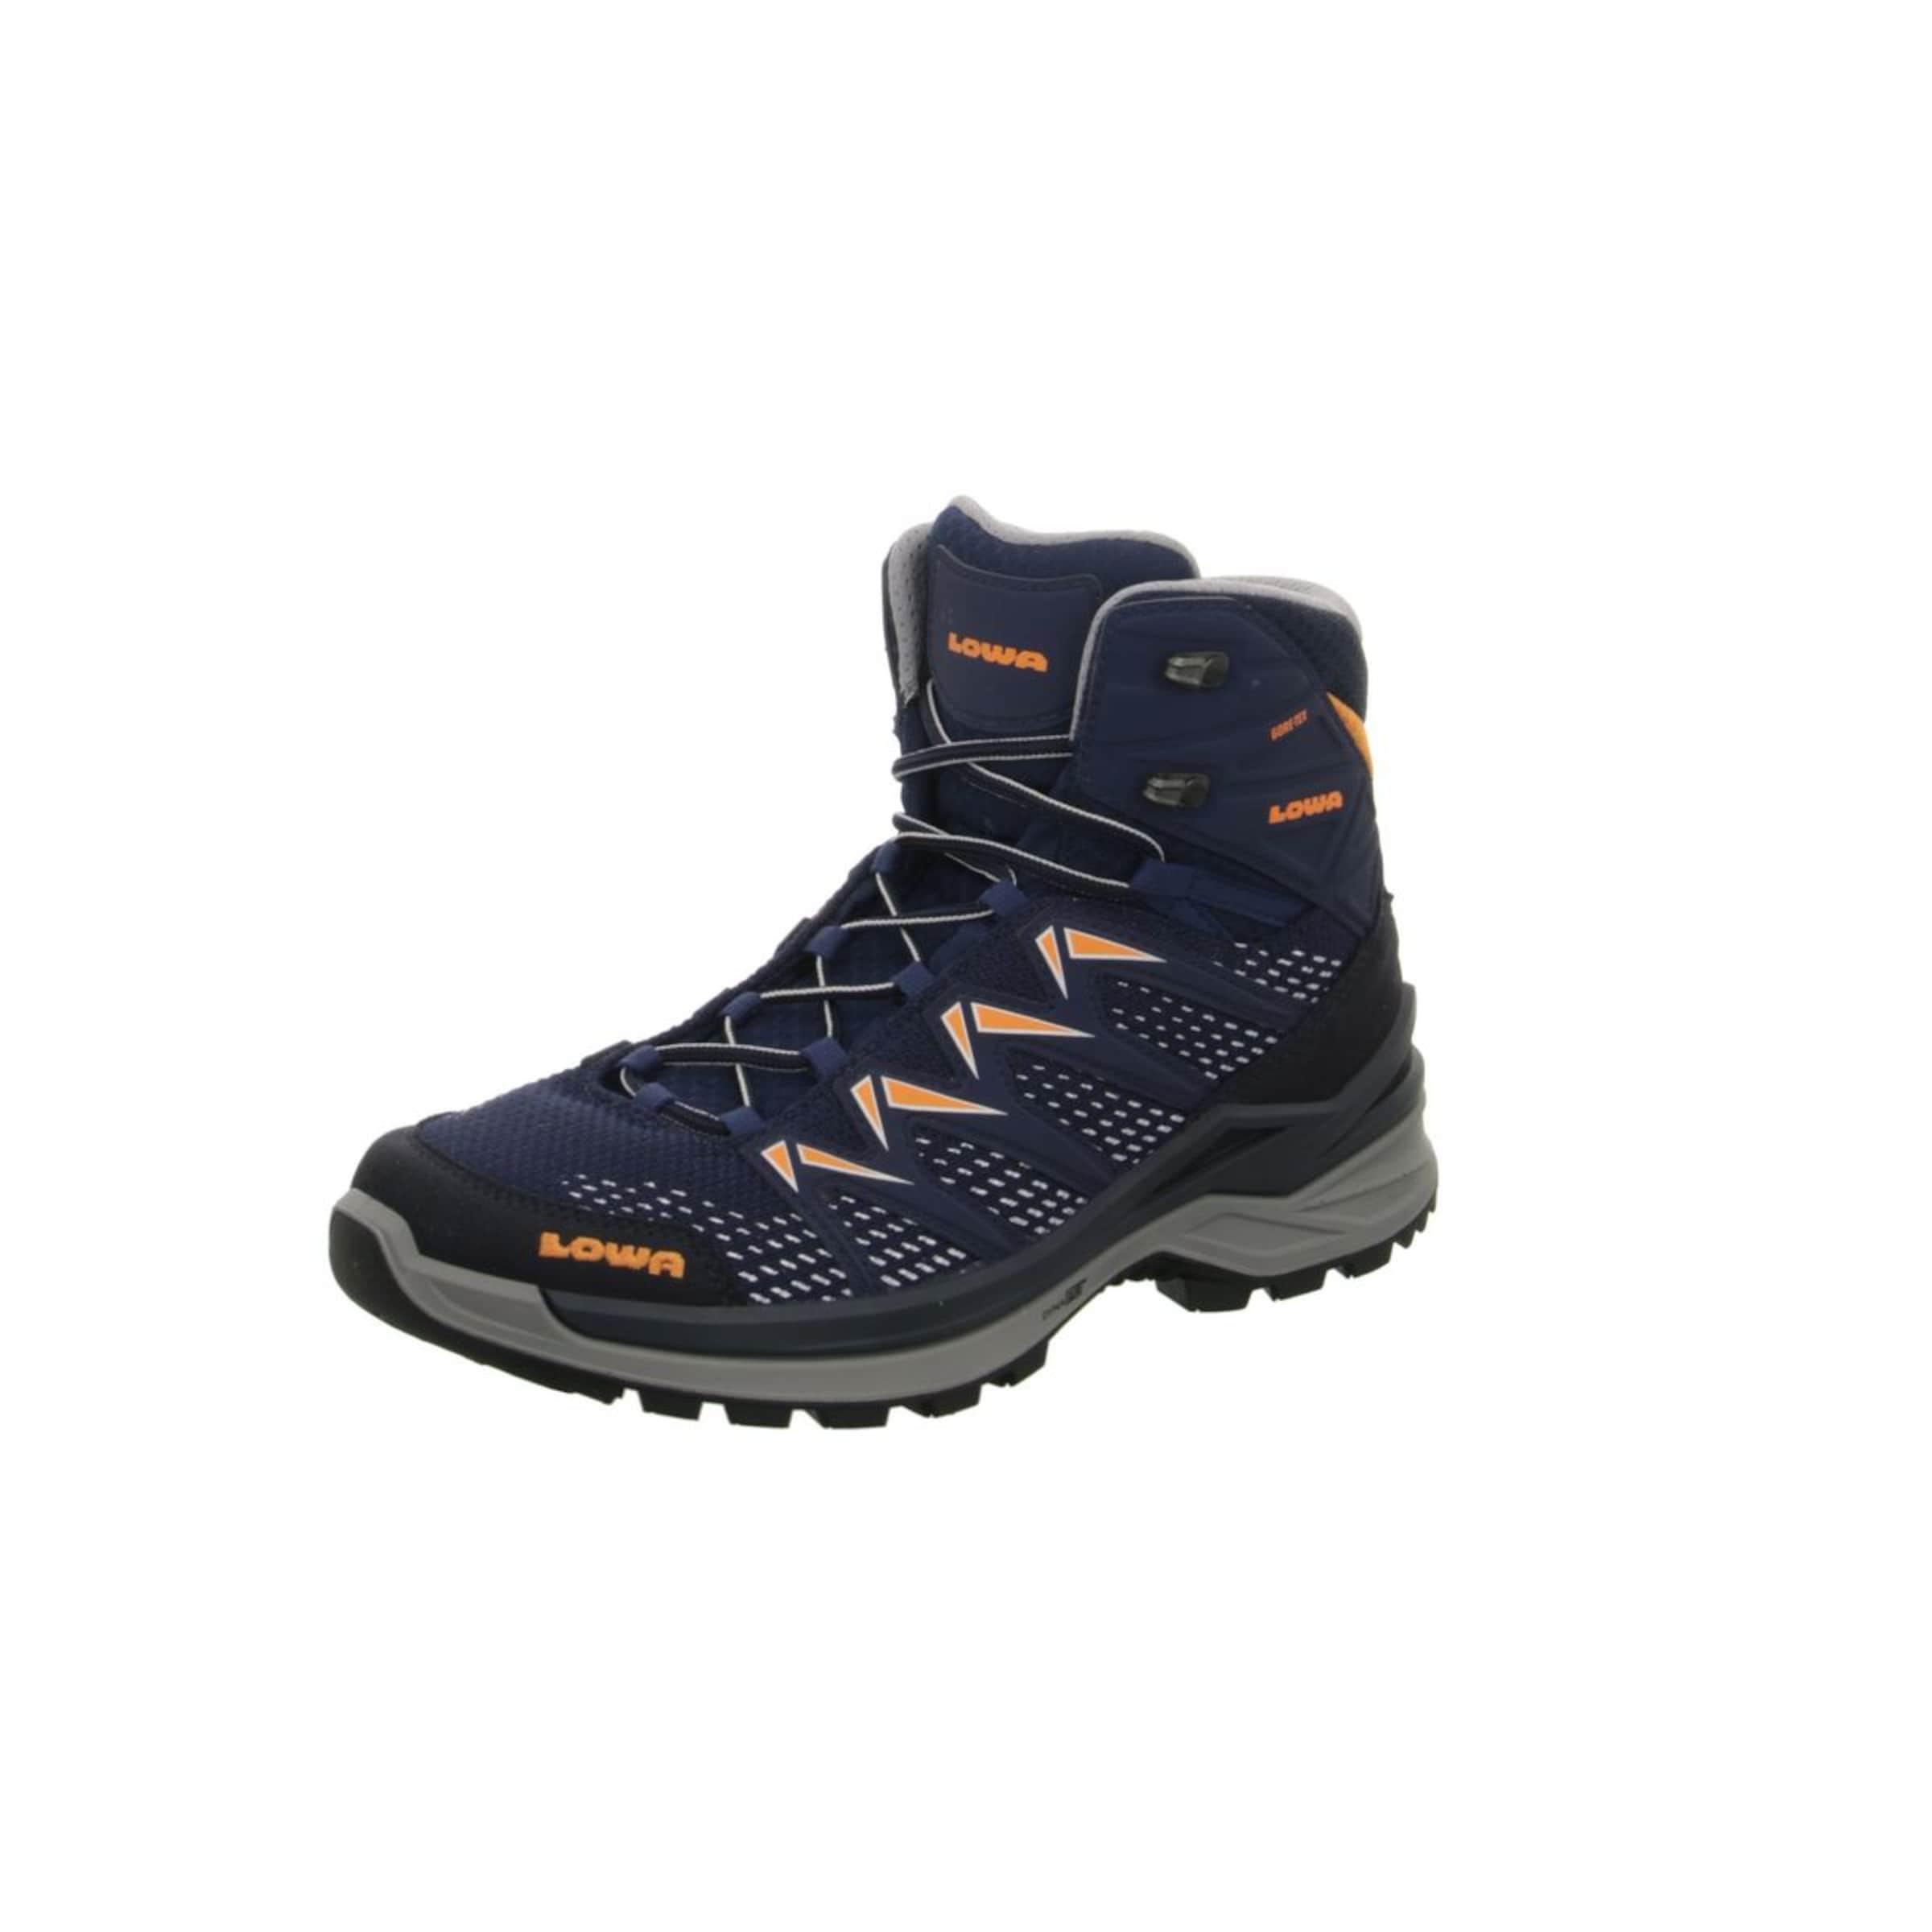 Herren LOWA Outdoorschuhe blau,  orange,  schwarz, pink | 04056264581669